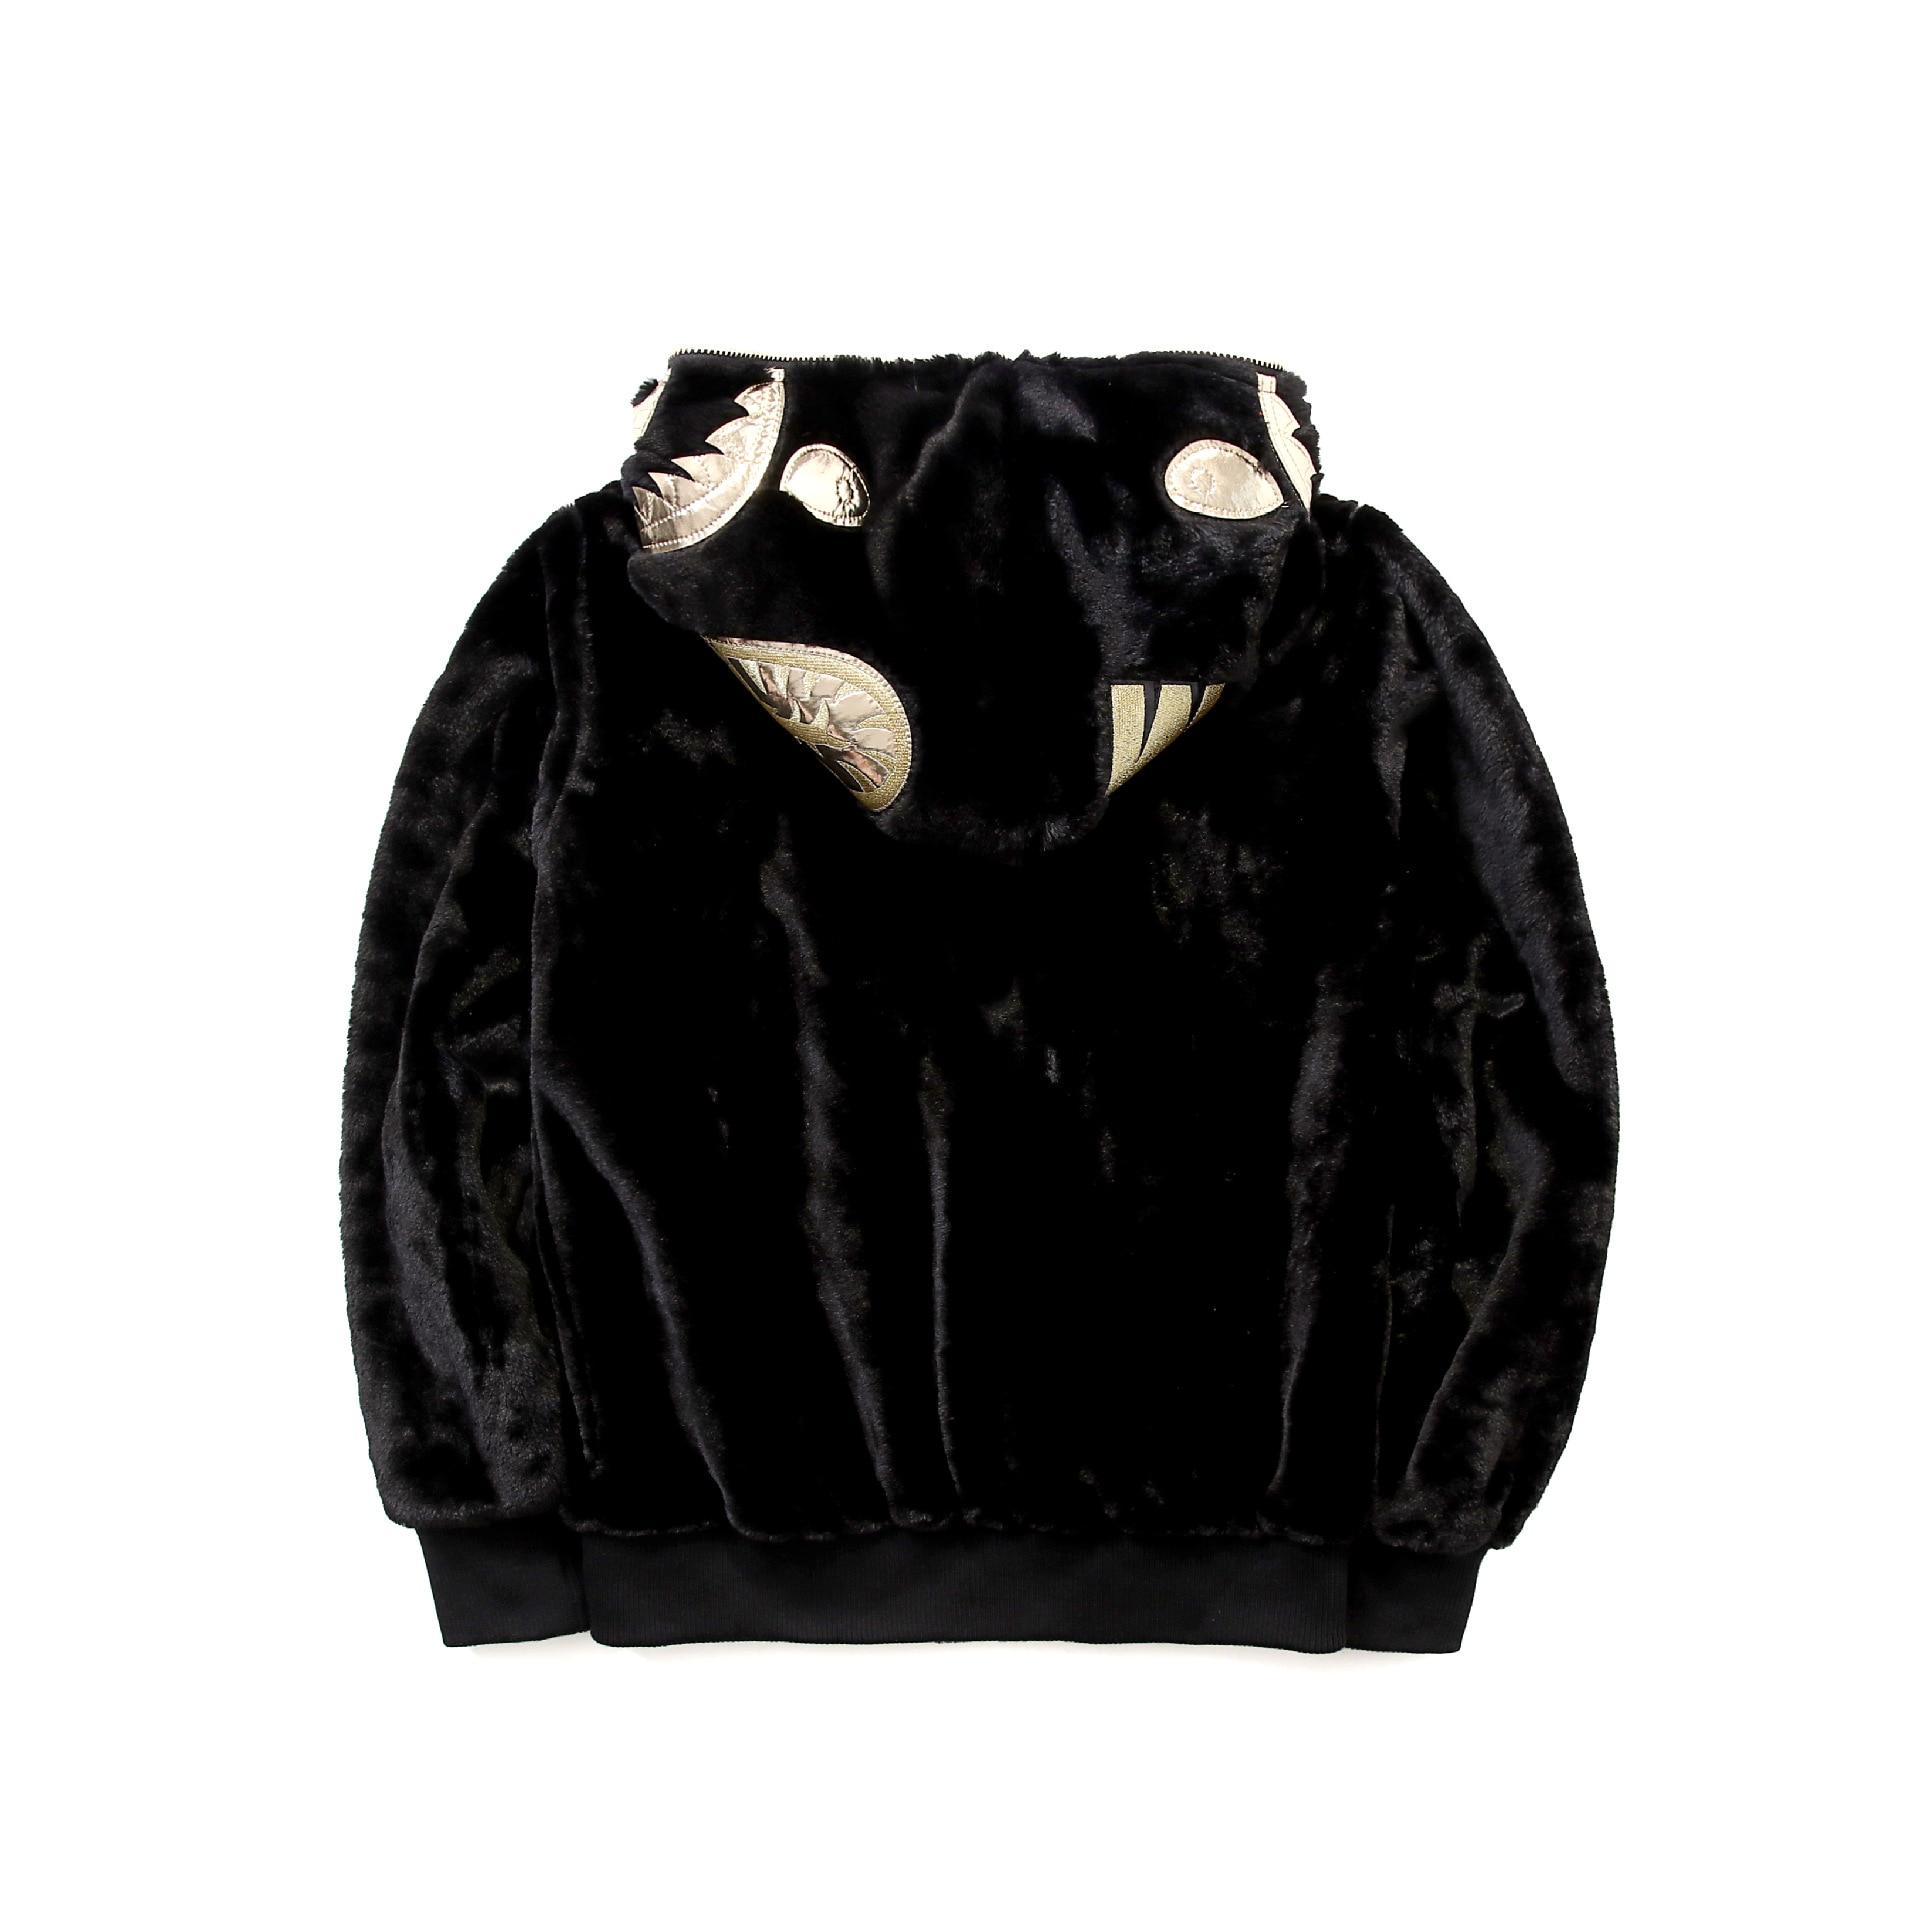 2019 черная Золотая толстовка с вышитой акулой, шерстяная толстовка с капюшоном Harajuku, топ, длинное пальто, Толстовка для косплея в стиле хип хоп - 2